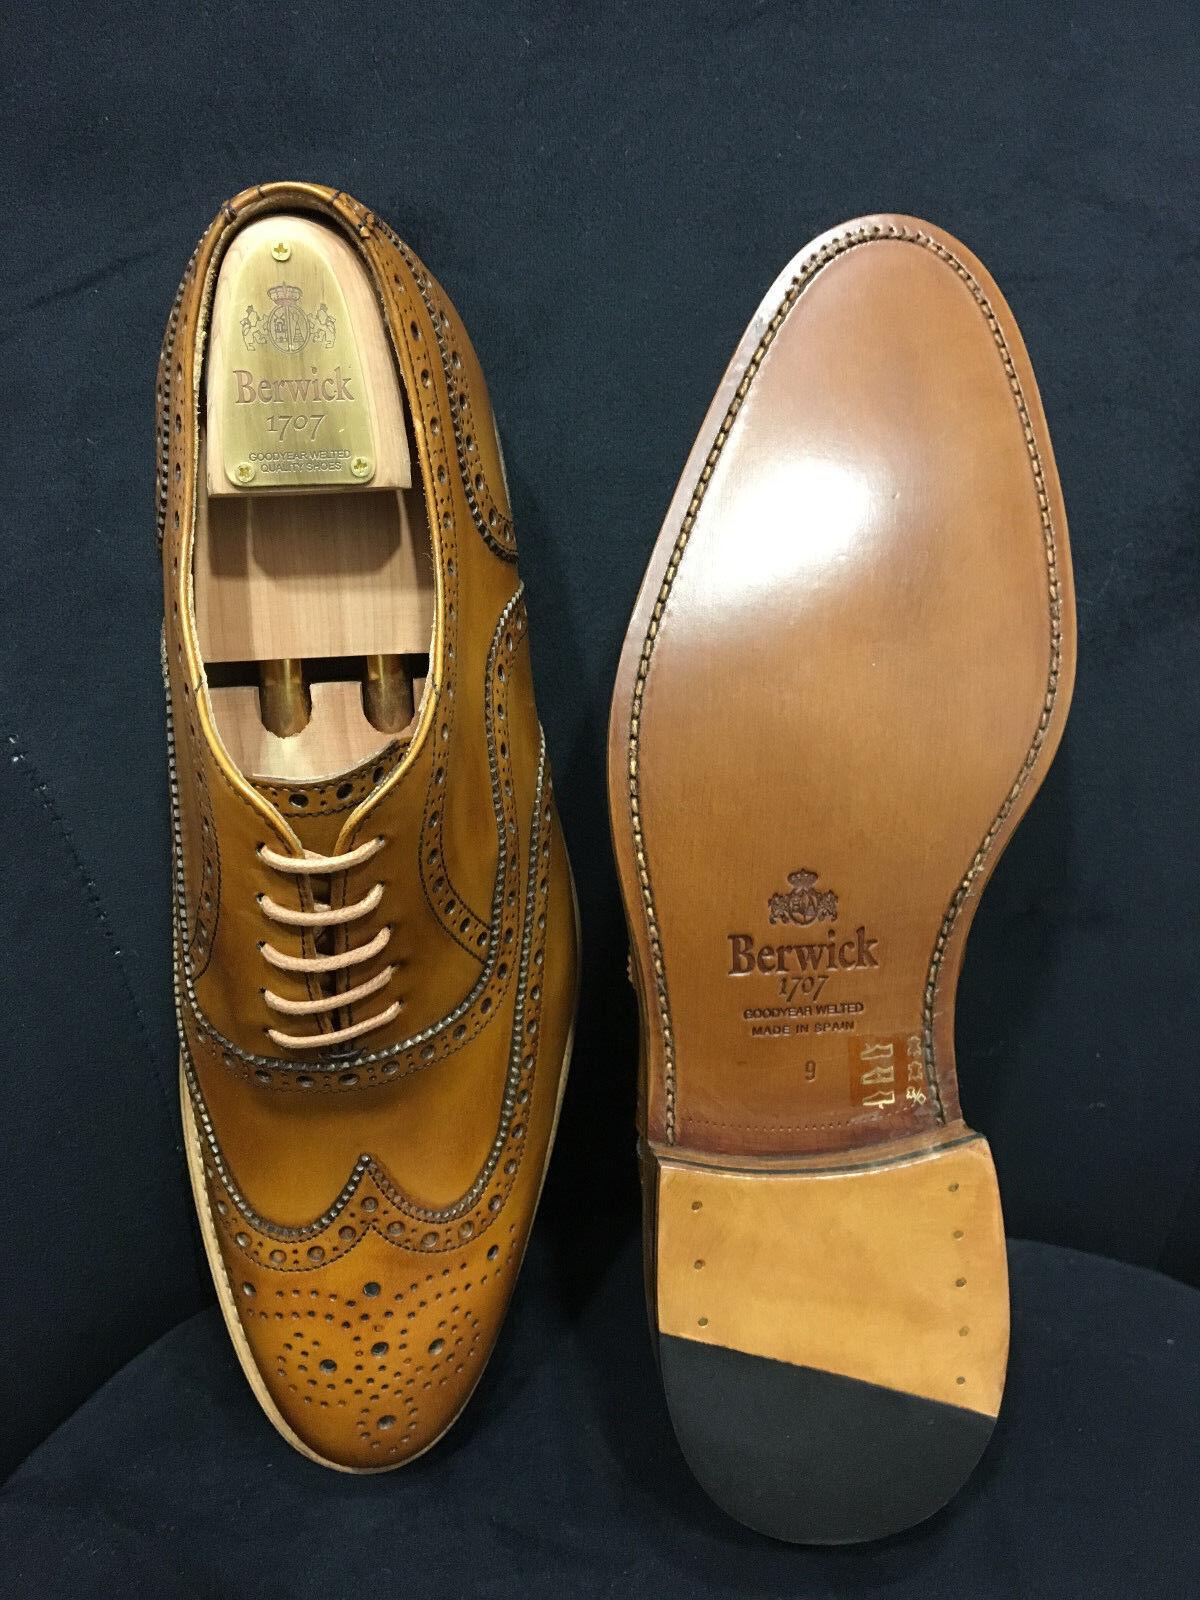 Berwick 1707 Lederschuh Oxford Gr: Cognac GOODYEAR WELTED Rahmengenäht Gr: Oxford 39 - 46 f04a92